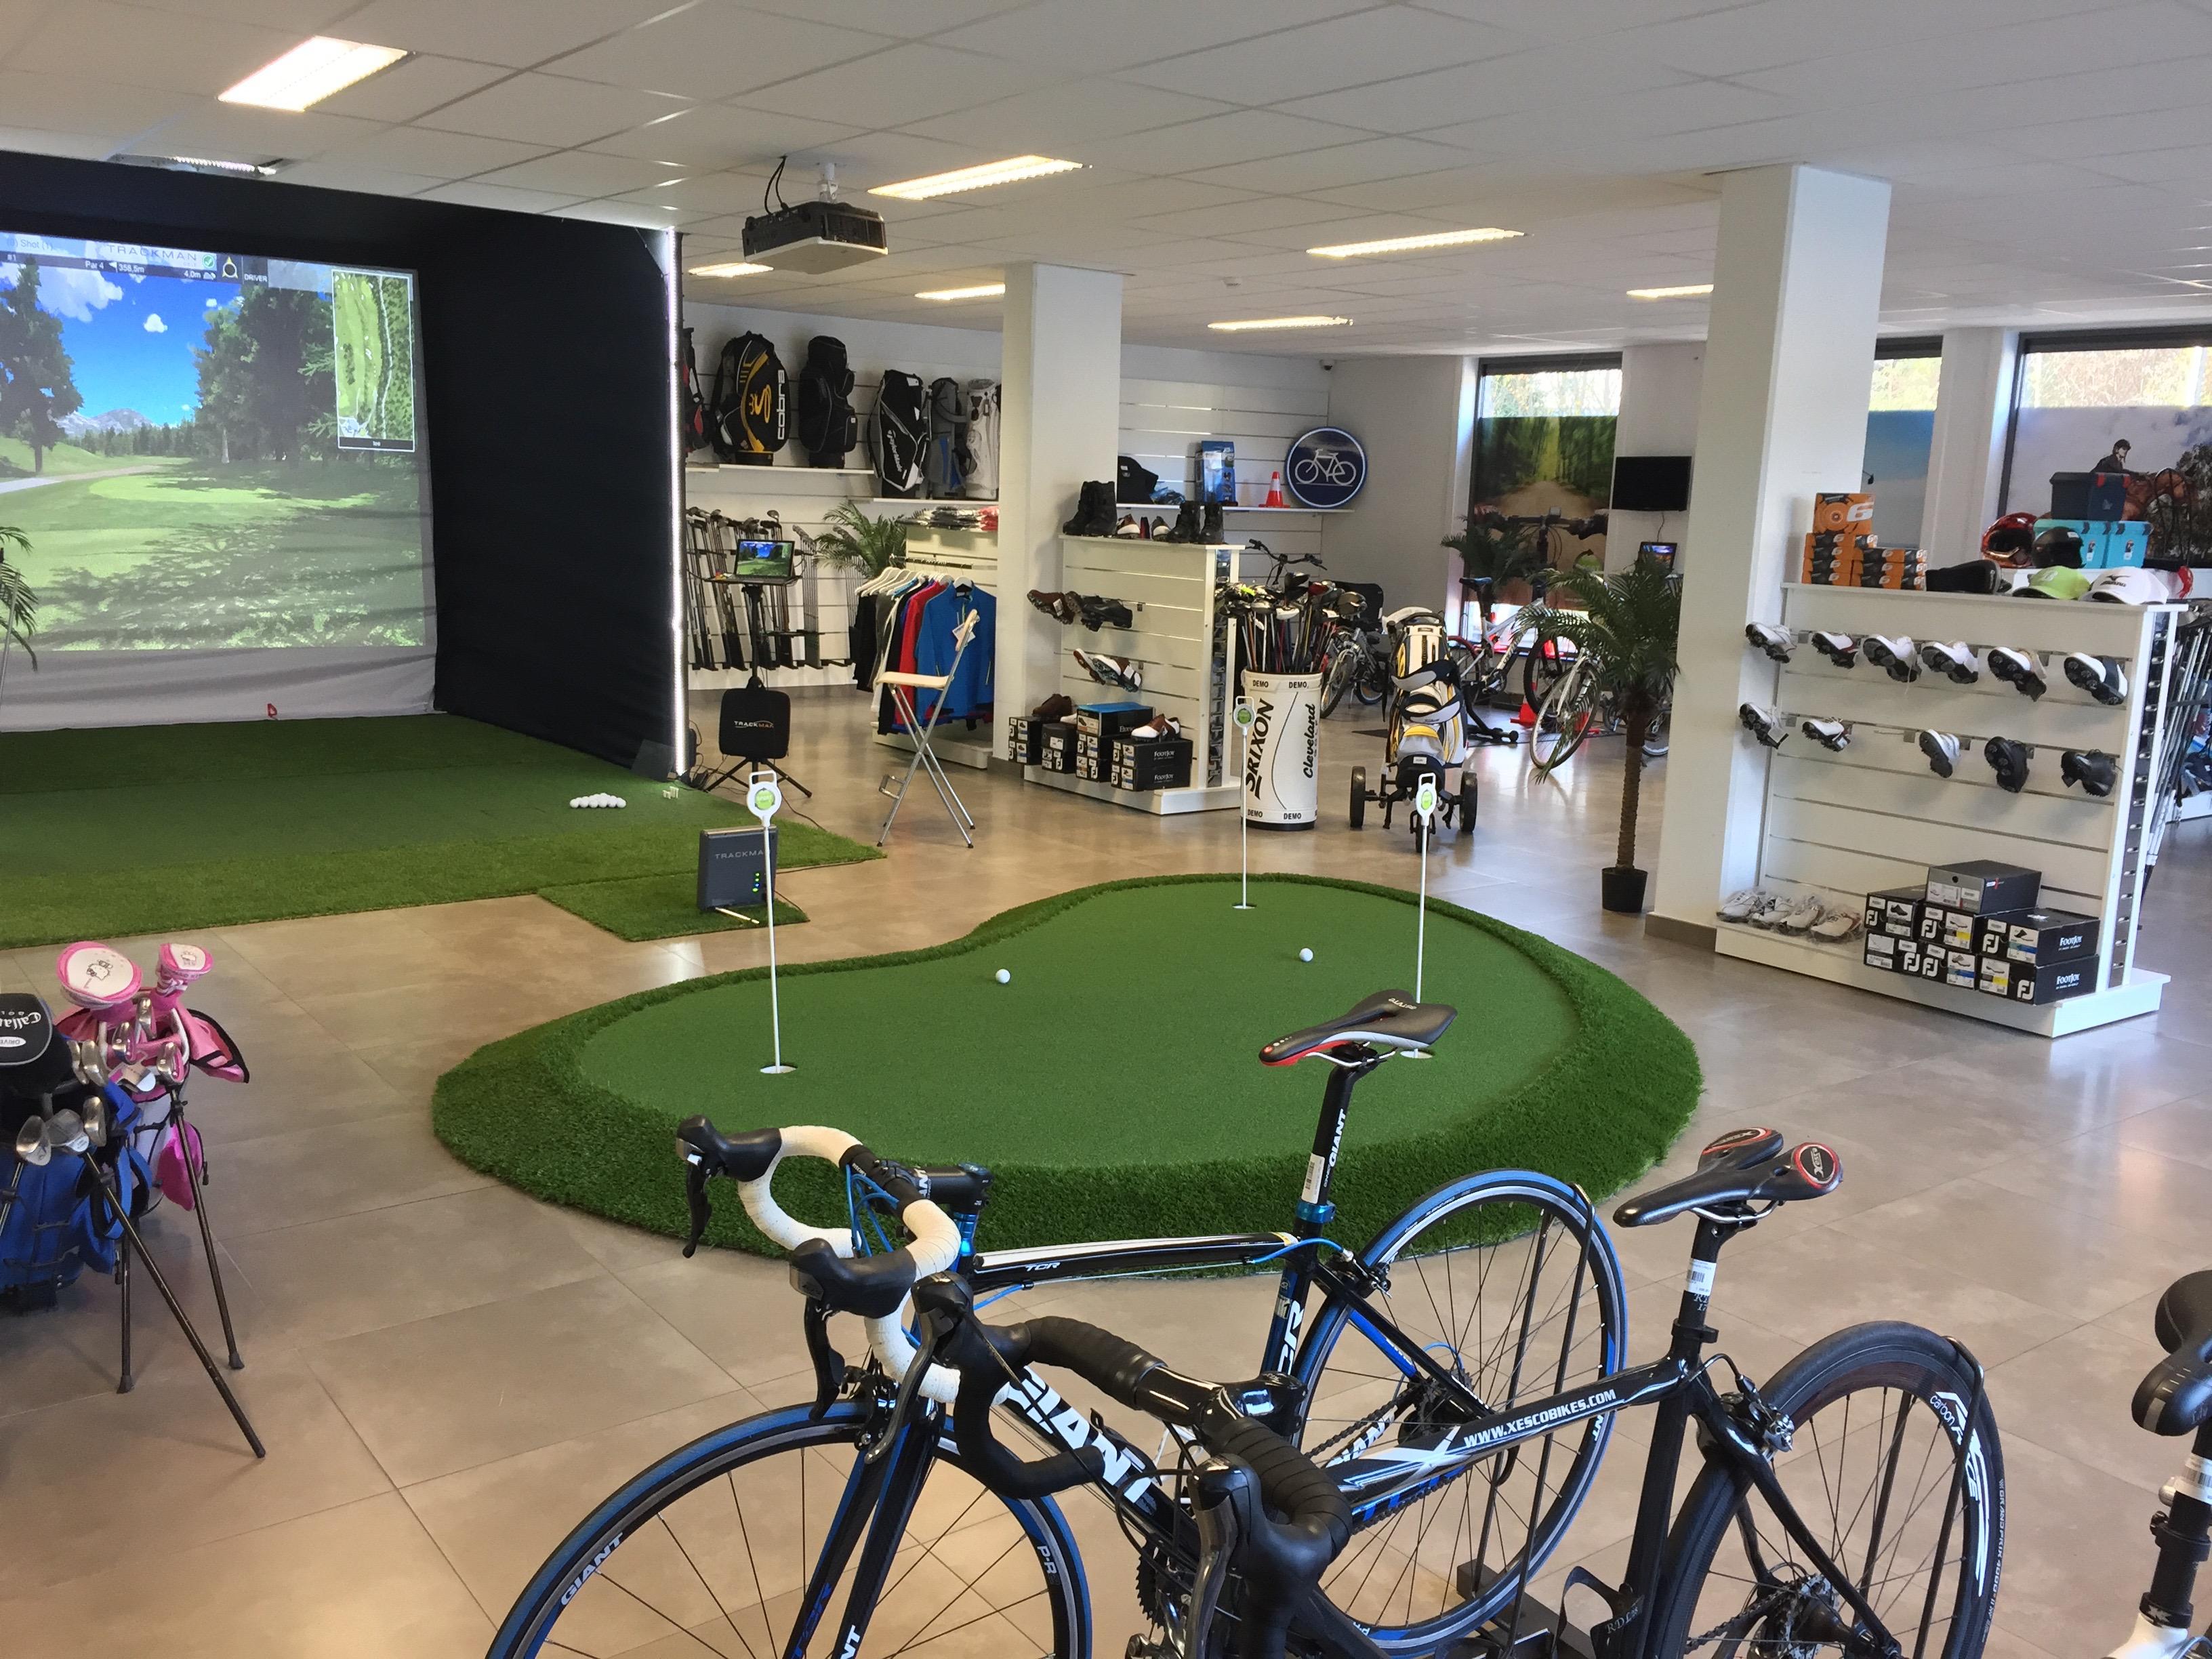 Sport Convertor : Un concept unique dans le Béwé (Matériel de golf d'occasion, matériel d'équitation d'occasion, vélos électriques d'occasion)